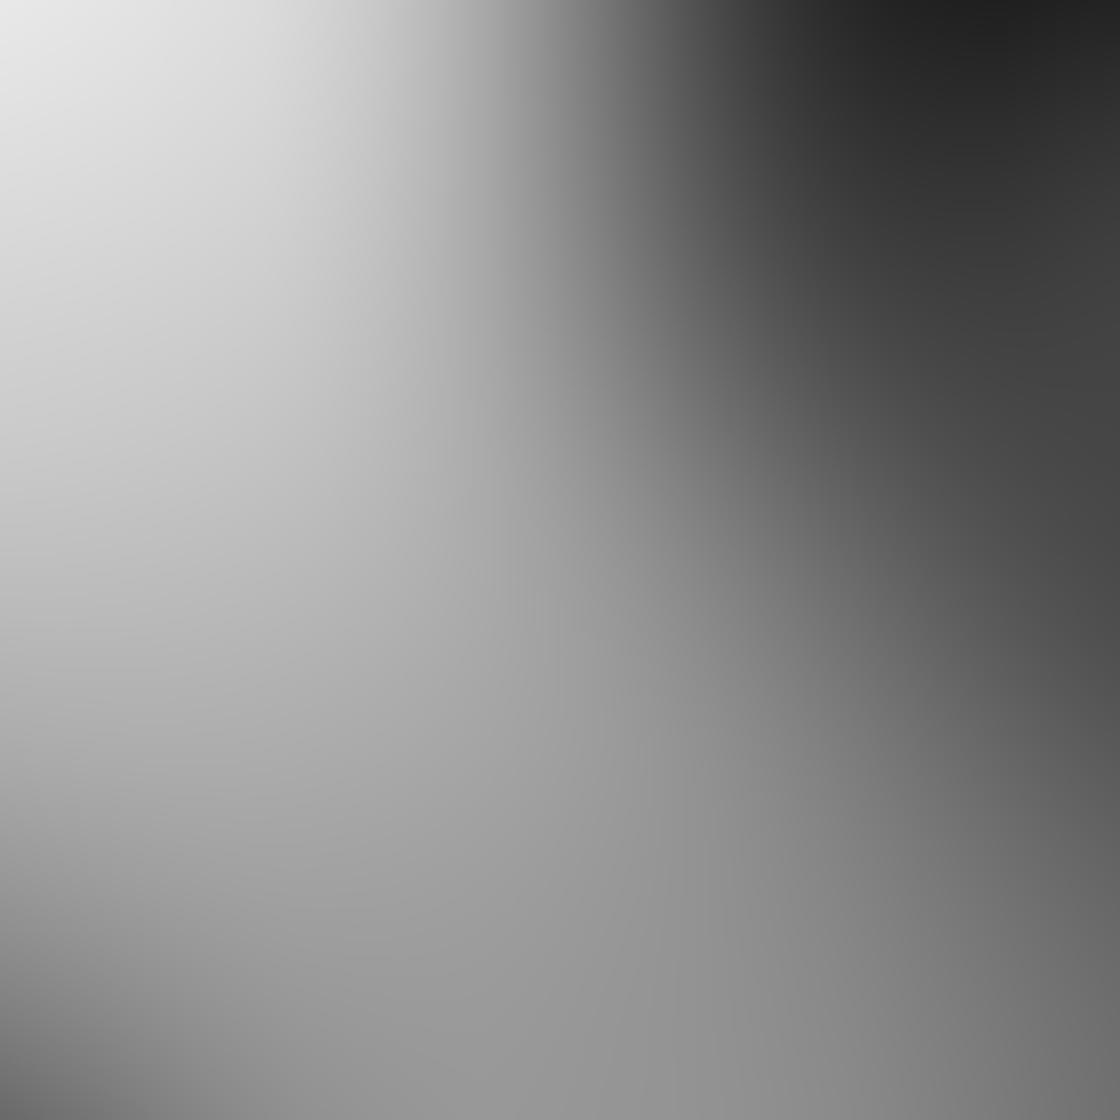 iPhone Empty Space Photo 30